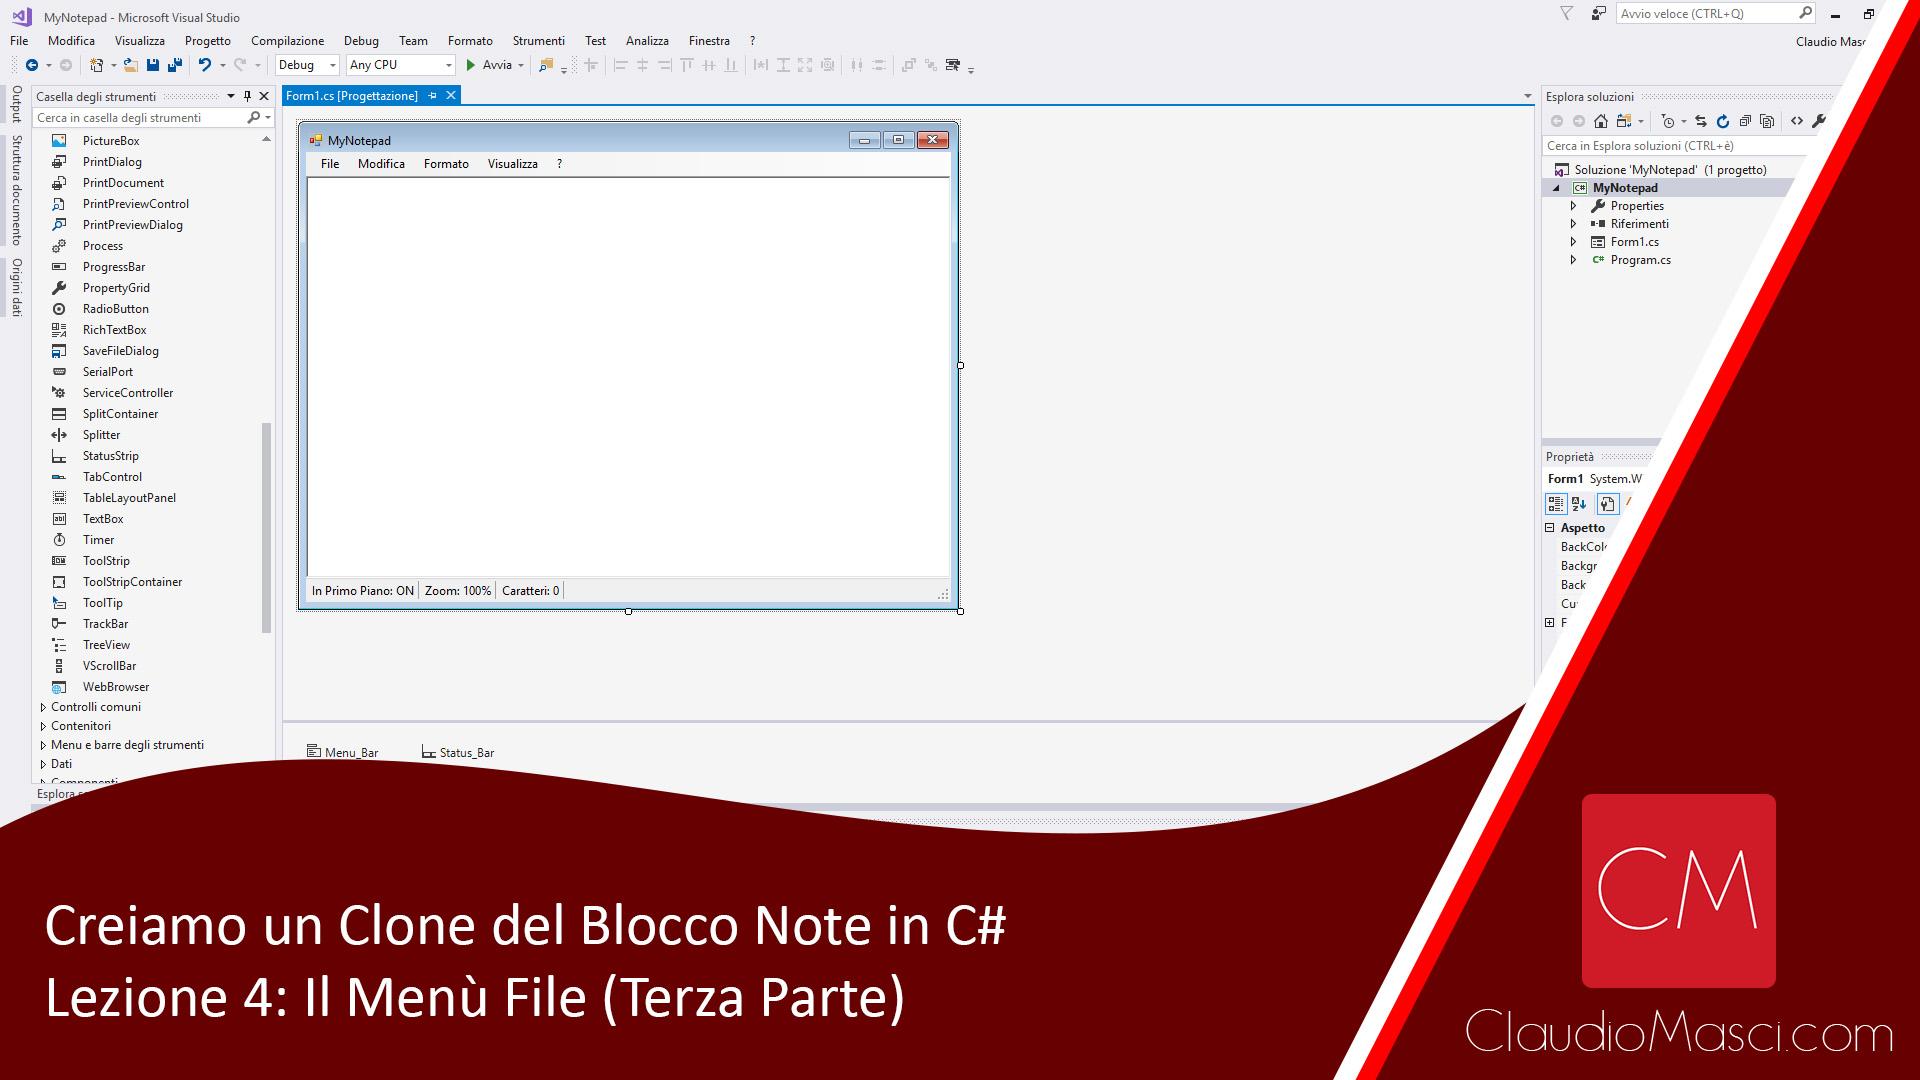 Creiamo un clone del Blocco Note in C# – Lezione 4: Il Menù File (Terza Parte)